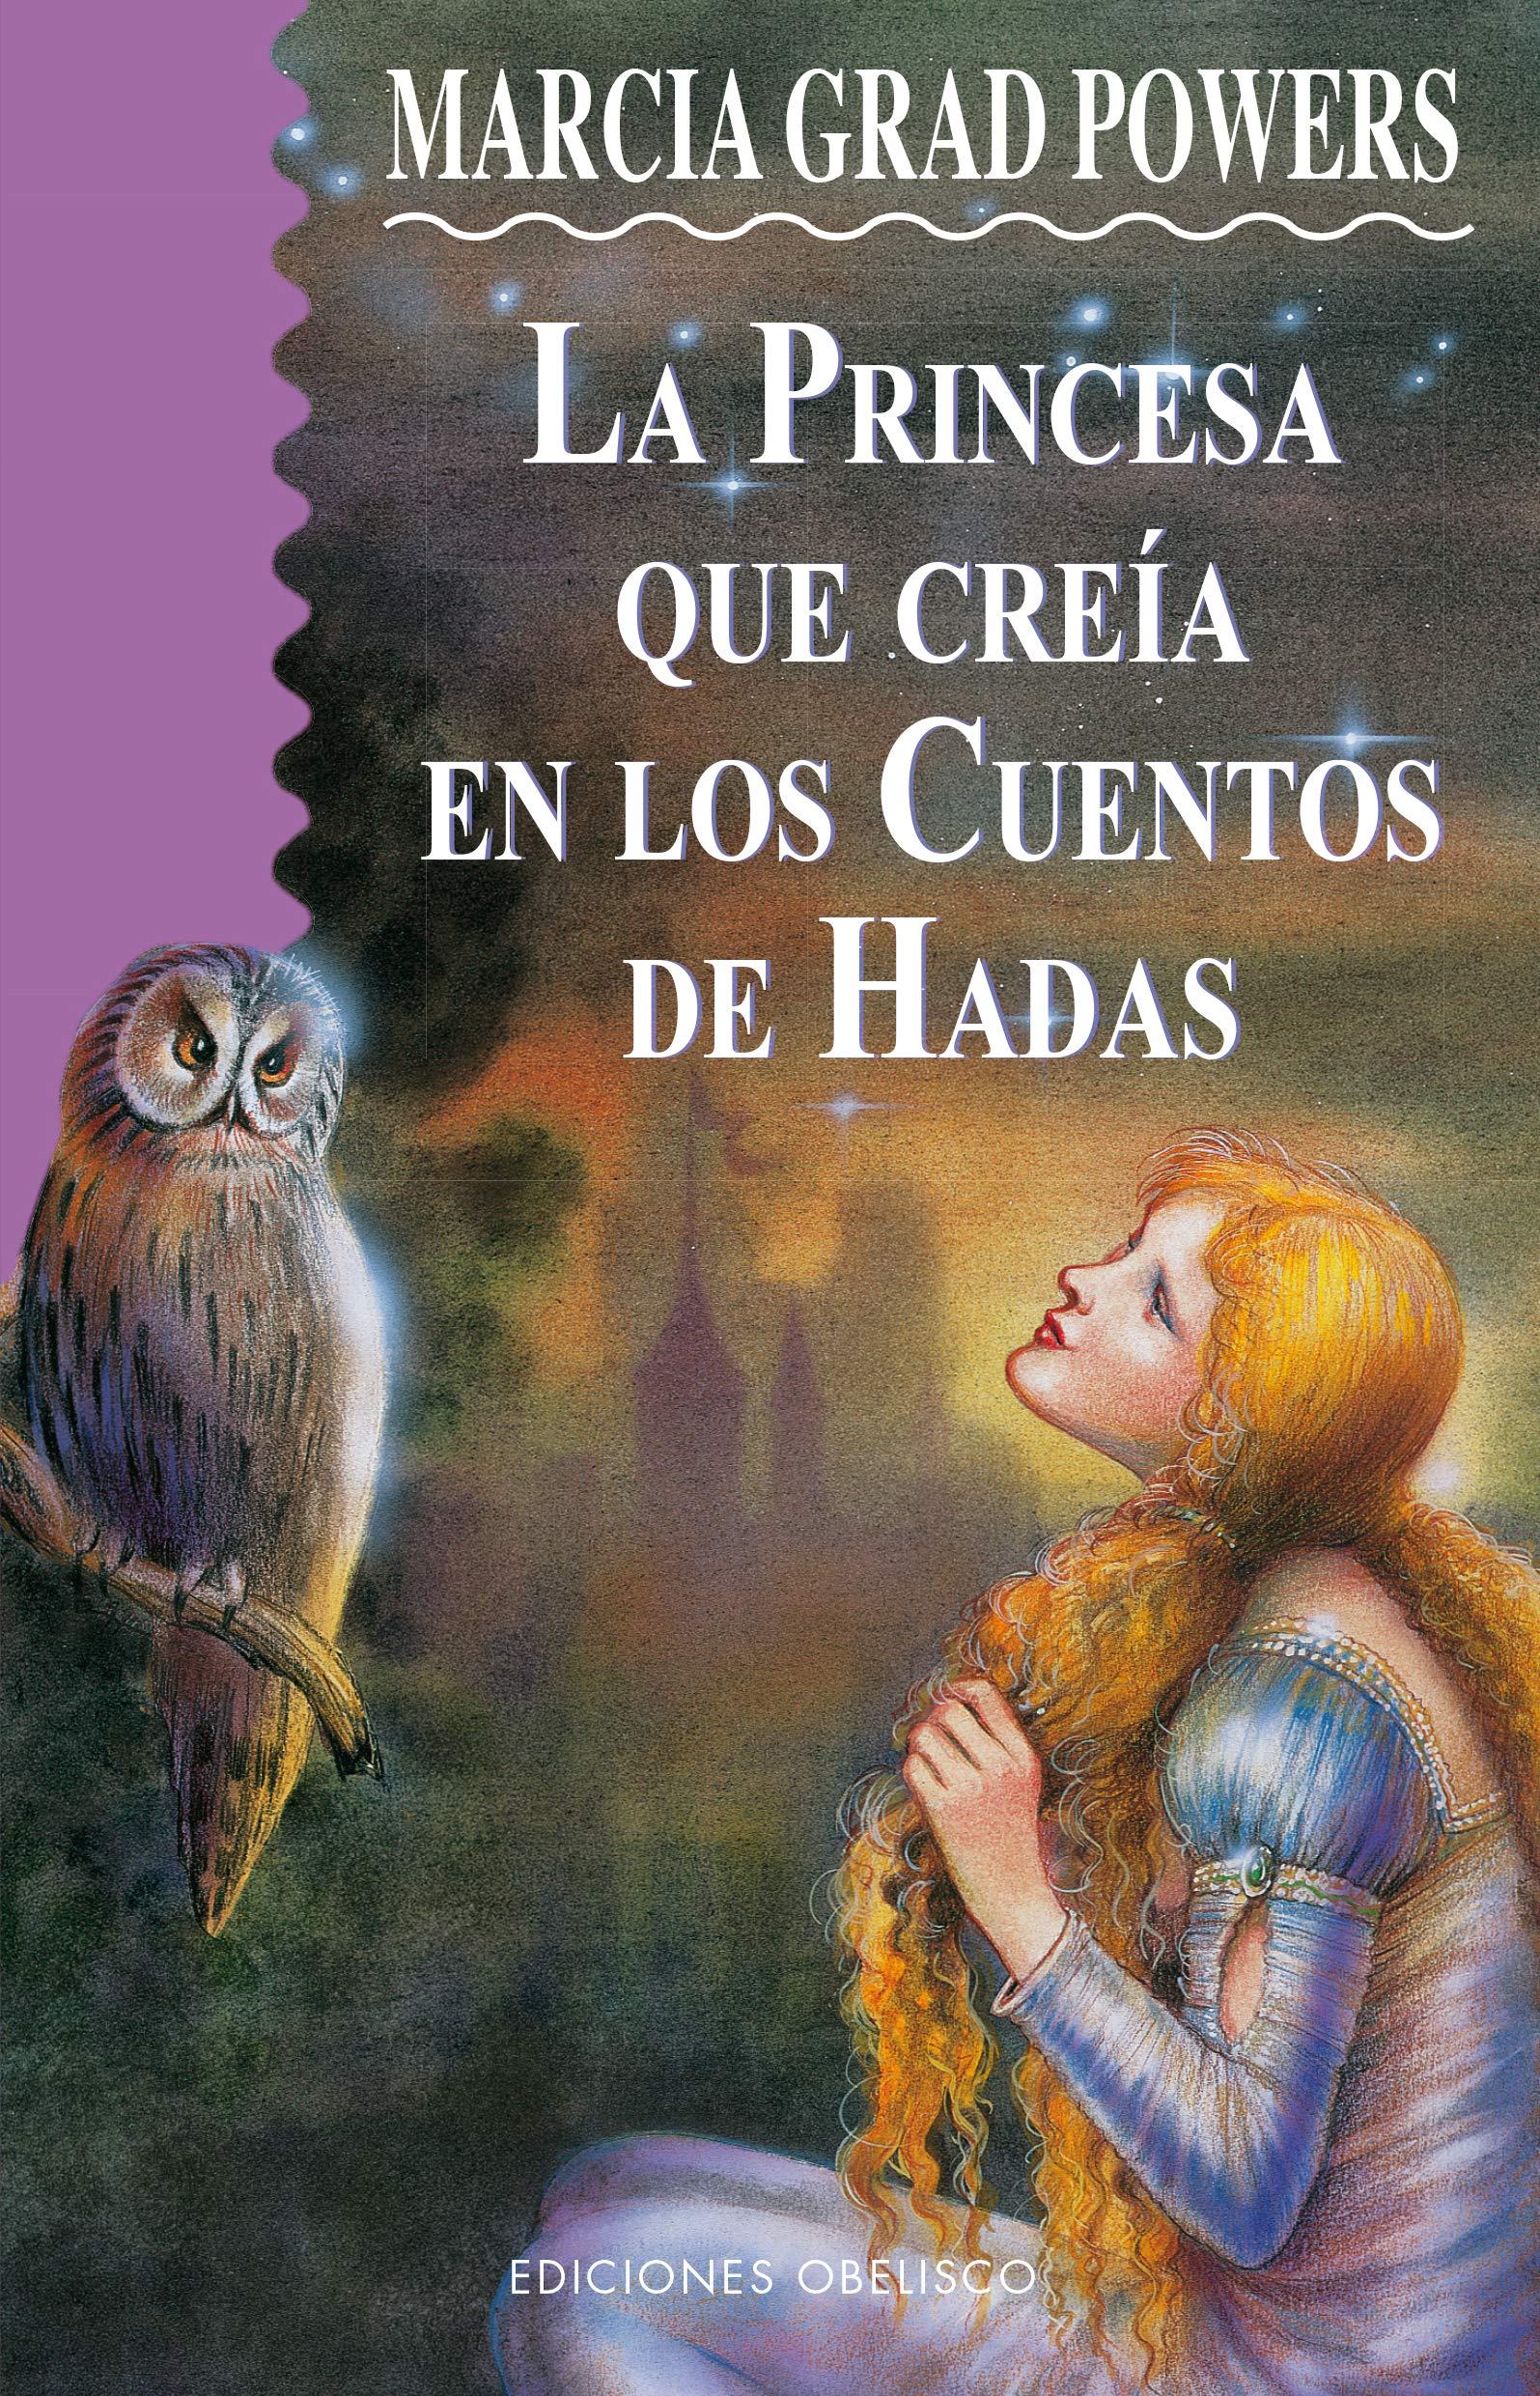 La Princesa Que Creía En Cuentos De Hadas Narrativa Spanish Edition Powers Marcia G Dampierre Sánchez Elena 9788477206231 Books